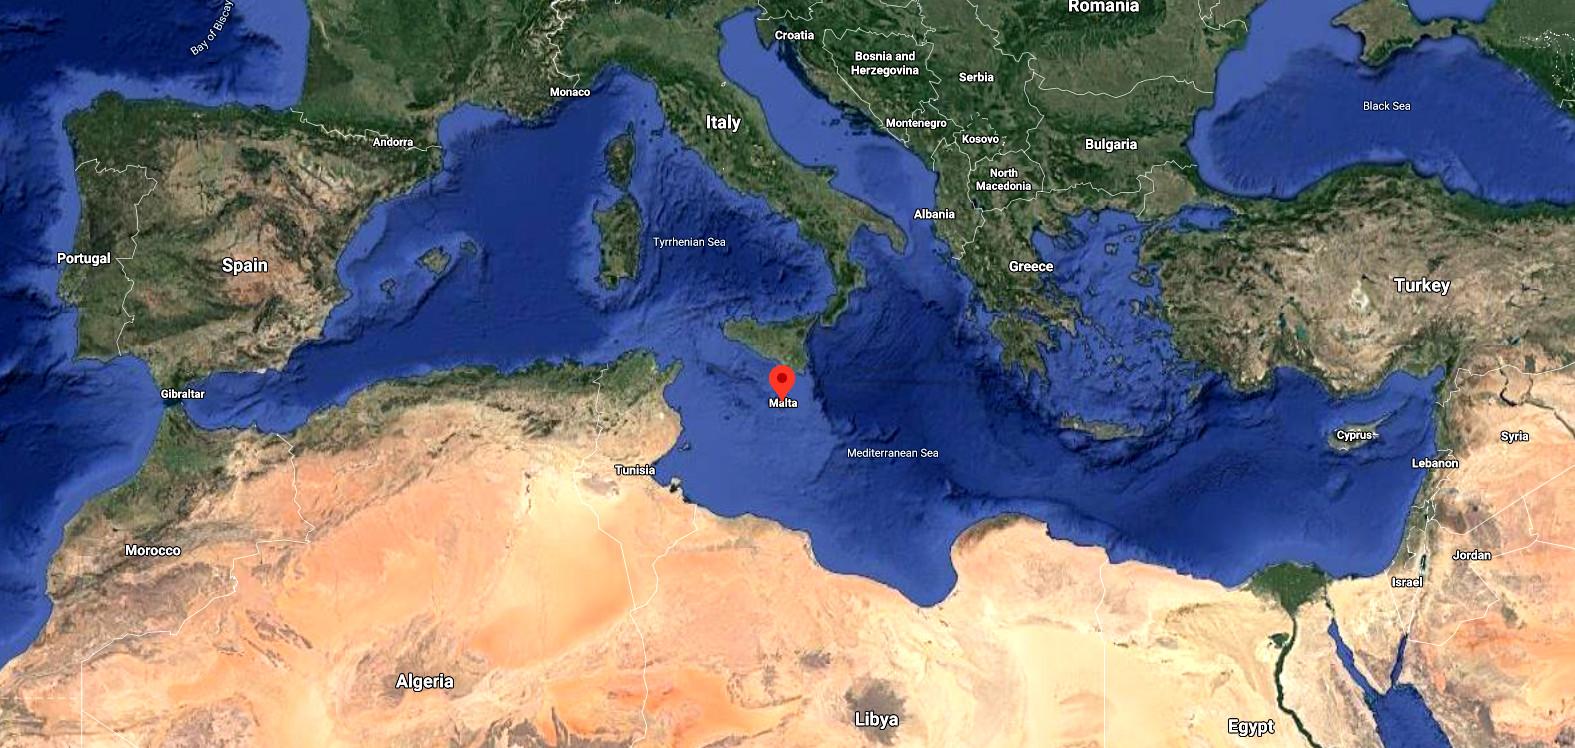 Мальта контролирует Средиземное море